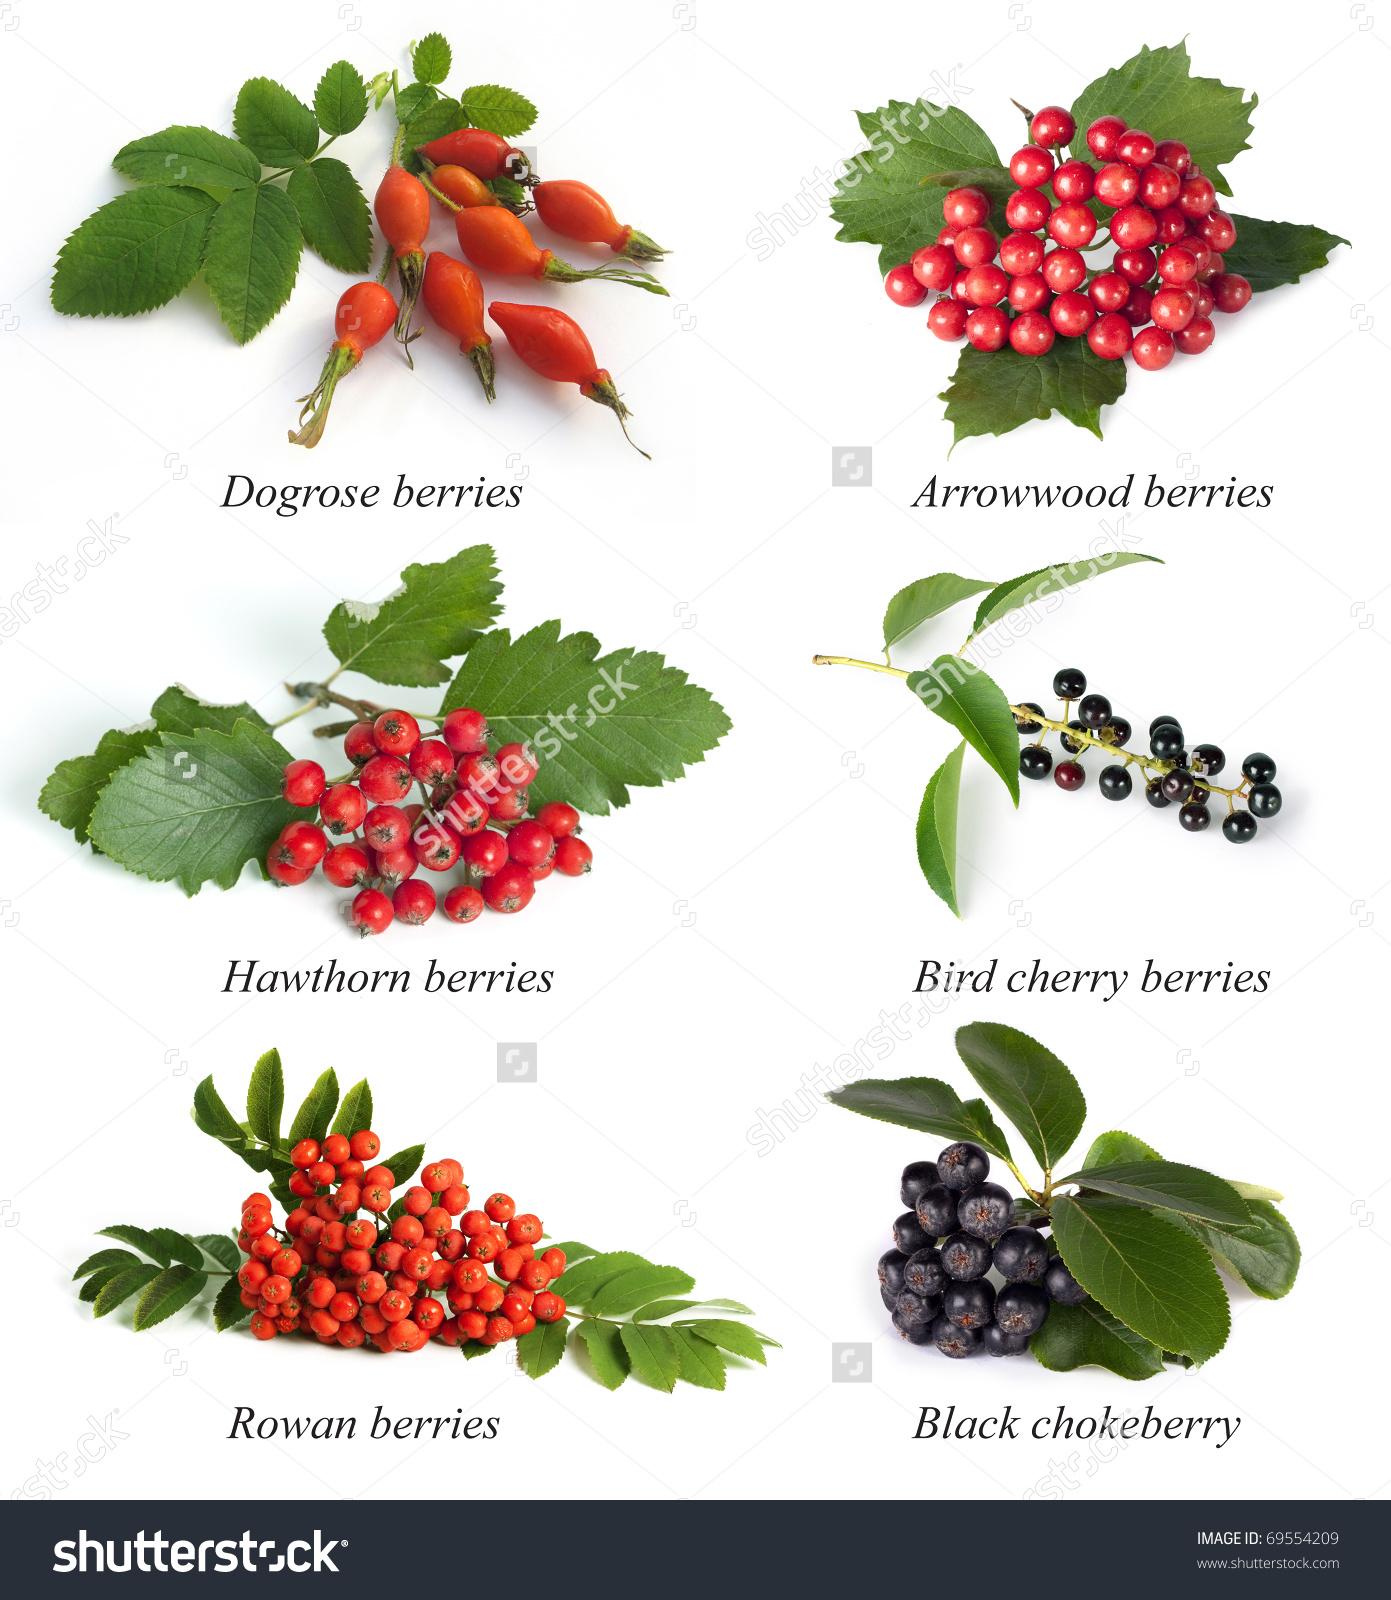 Set Berries Dogrose Rosa Canina Rosehip Stock Photo 69554209.